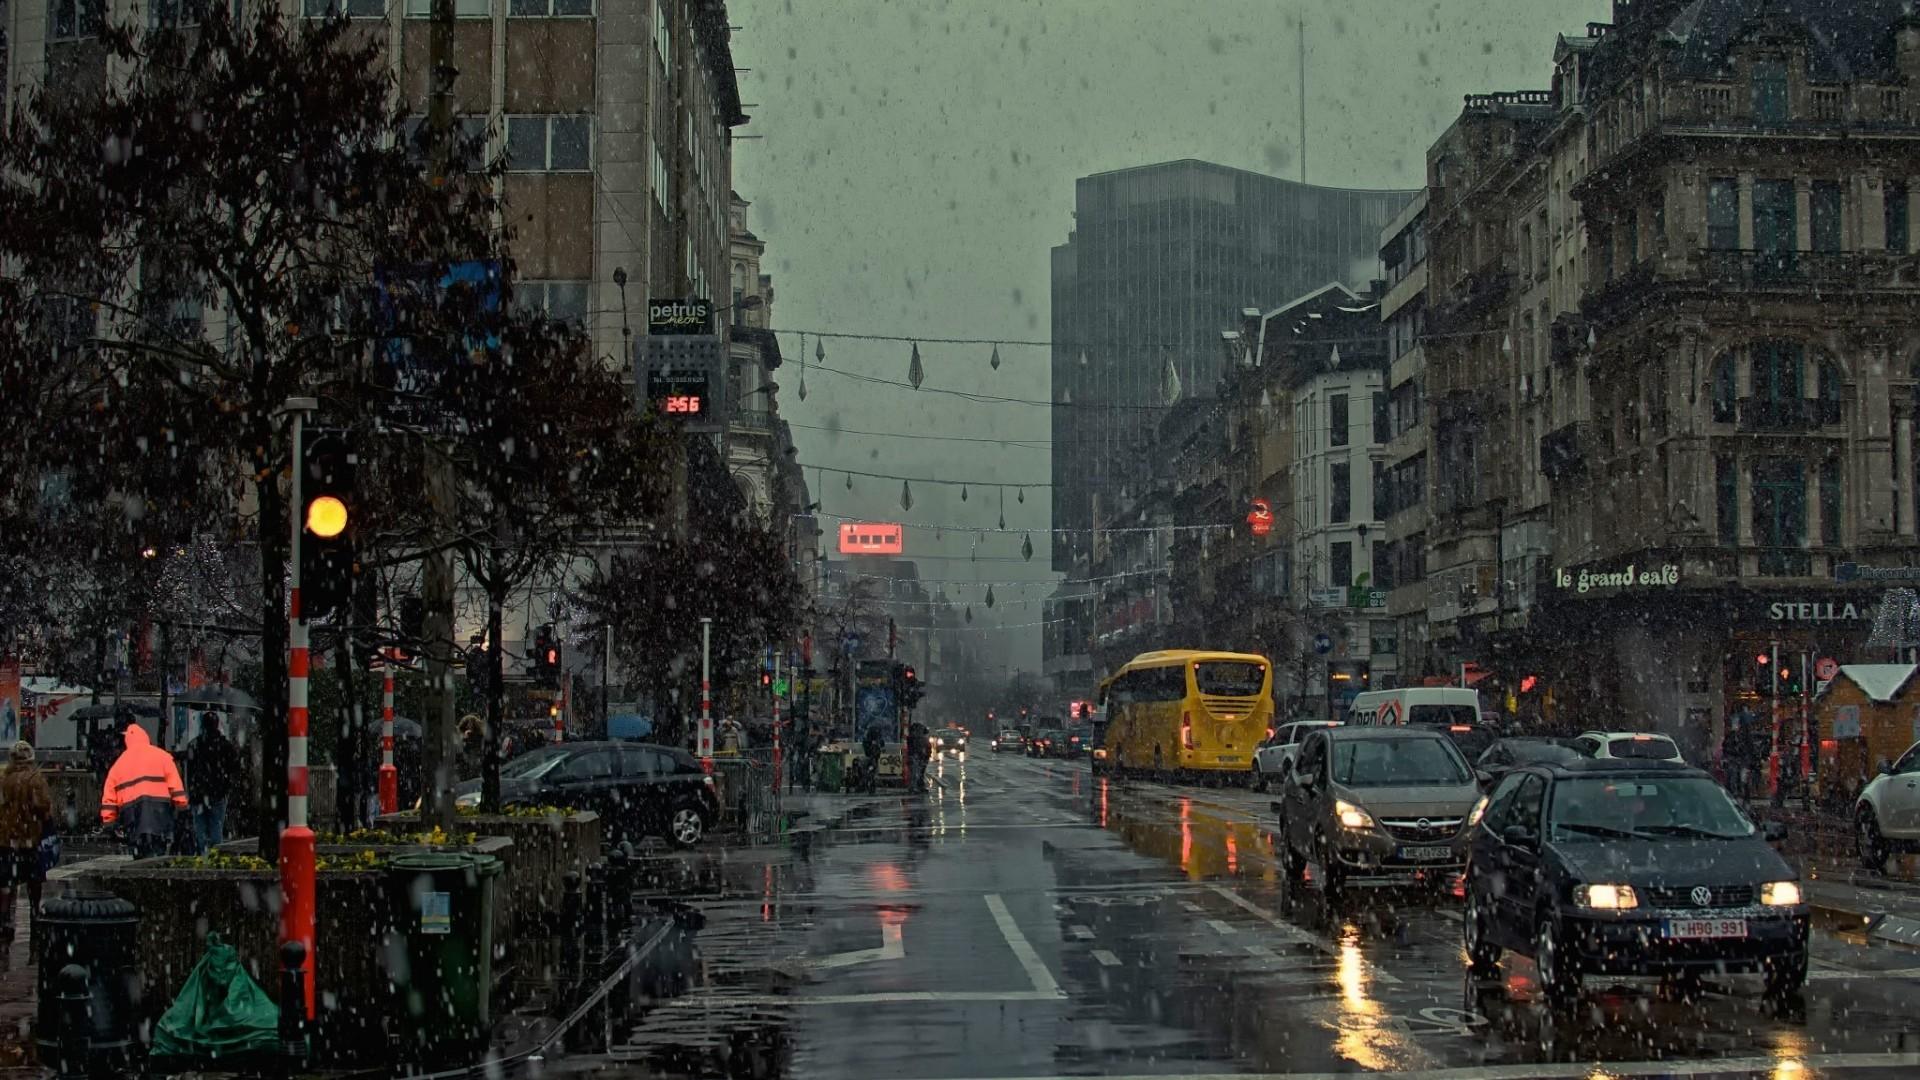 Rain Download Wallpaper